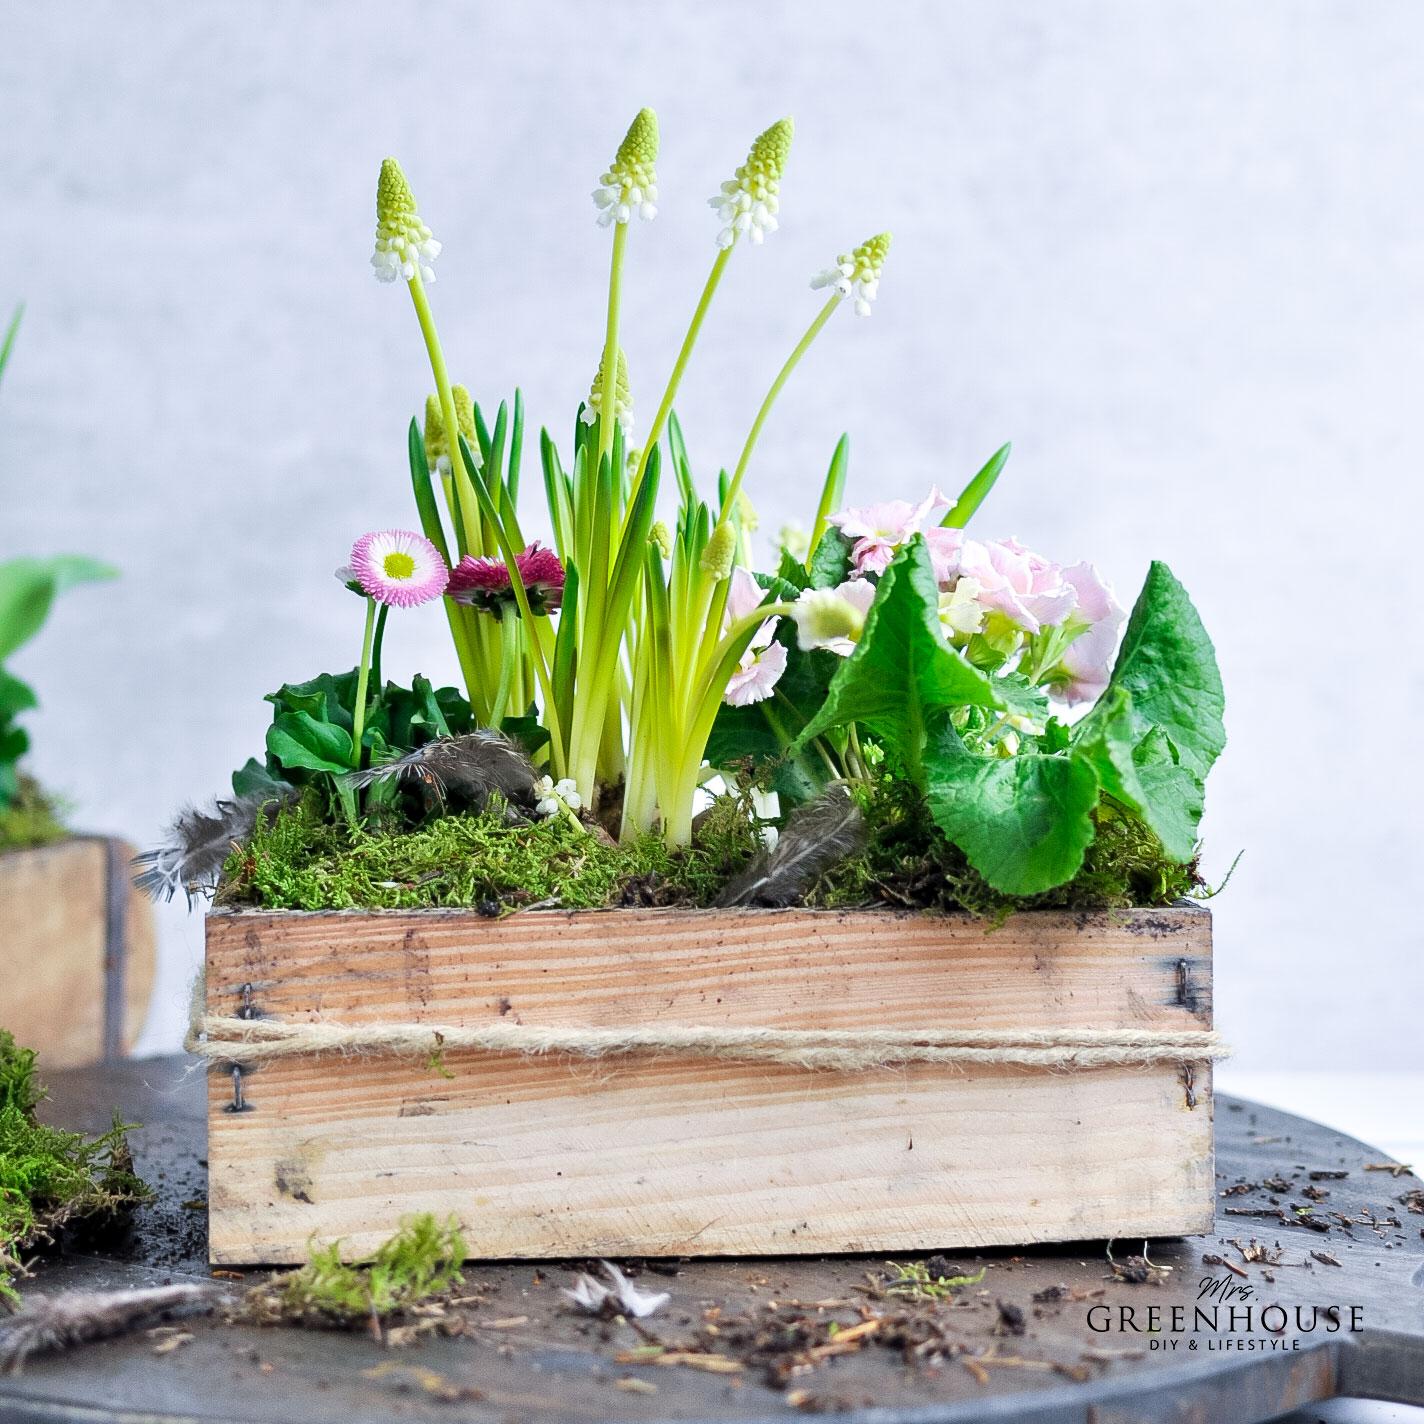 Ziegelform wasserdicht bepflanzen